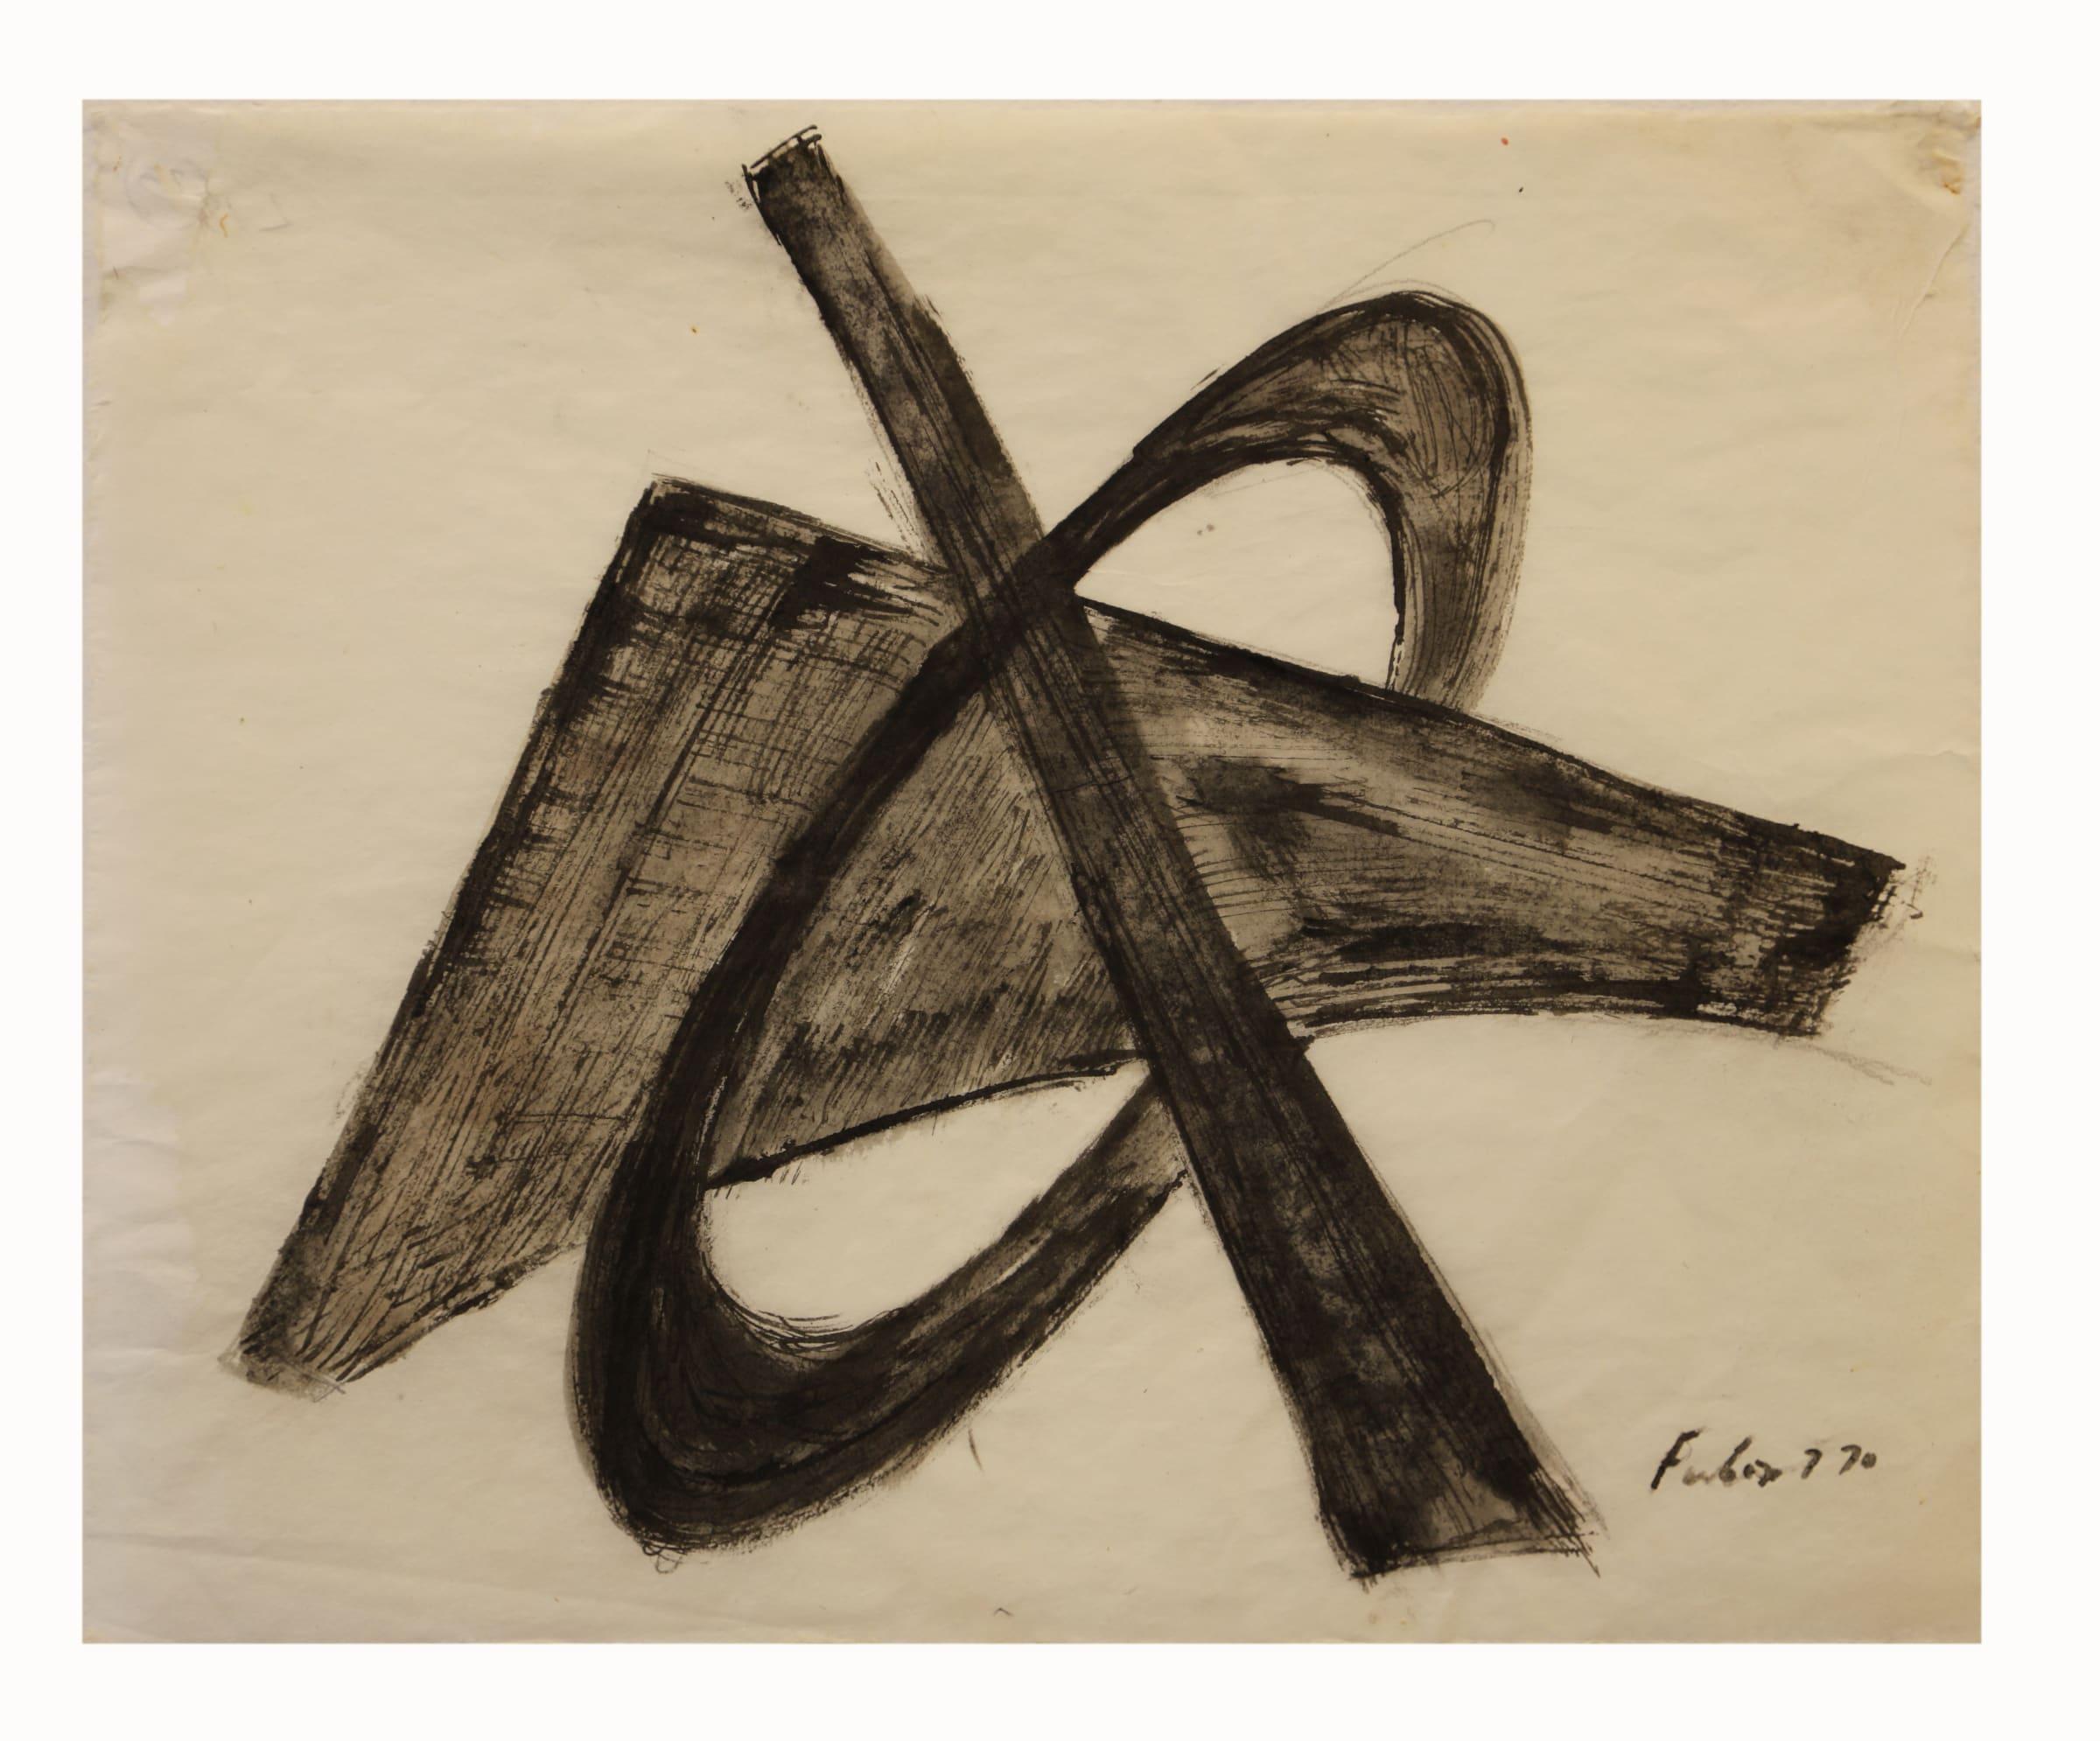 """<span class=""""link fancybox-details-link""""><a href=""""/artists/79-herbert-ferber/works/1702-herbert-ferber-untitled-1970/"""">View Detail Page</a></span><div class=""""artist""""><strong>Herbert Ferber</strong></div> <div class=""""title"""">Untitled , 1970</div> <div class=""""medium"""">tecnica mista</div> <div class=""""dimensions"""">cm 25x31</div>"""